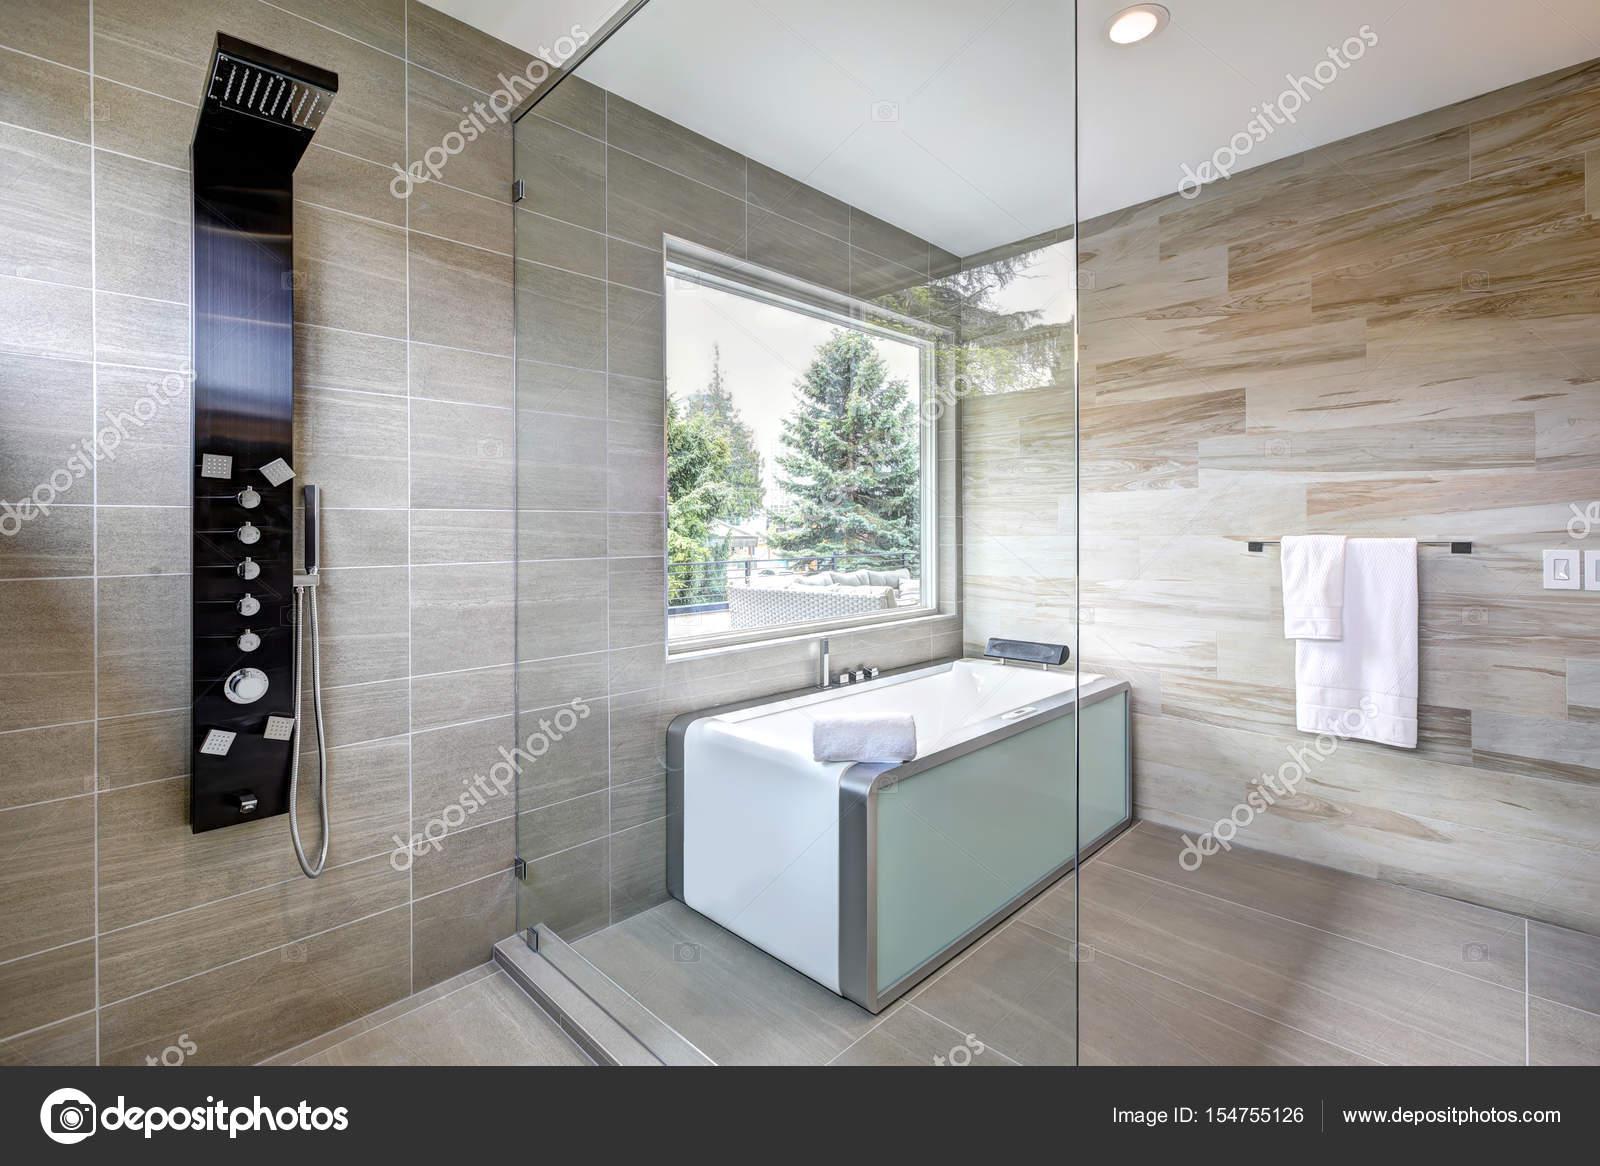 Moderne badkamer interieur u2014 stockfoto © iriana88w #154755126